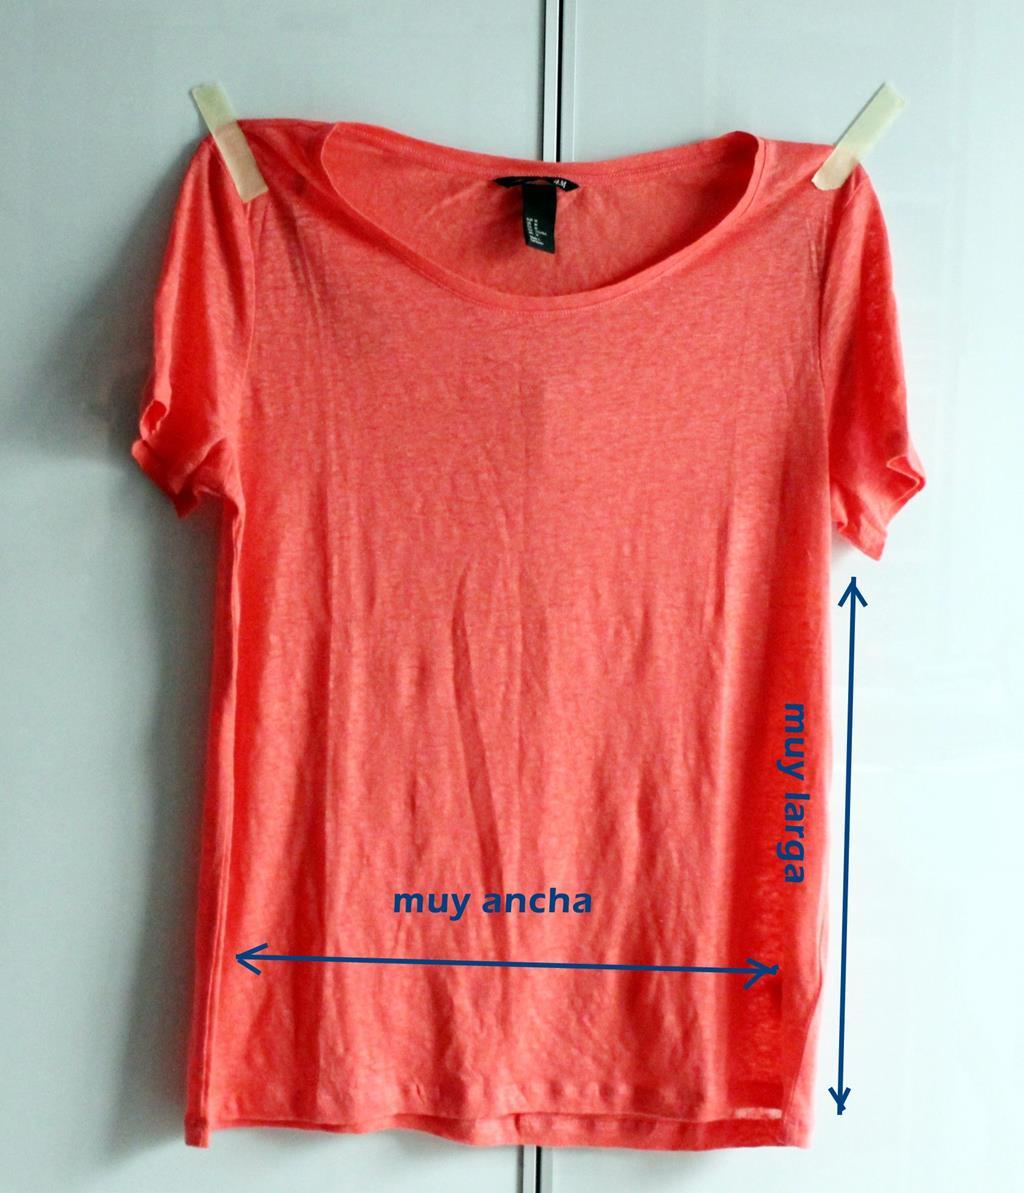 Como ajustar una camiseta demasiado ancha | Coser ropa, Ropa